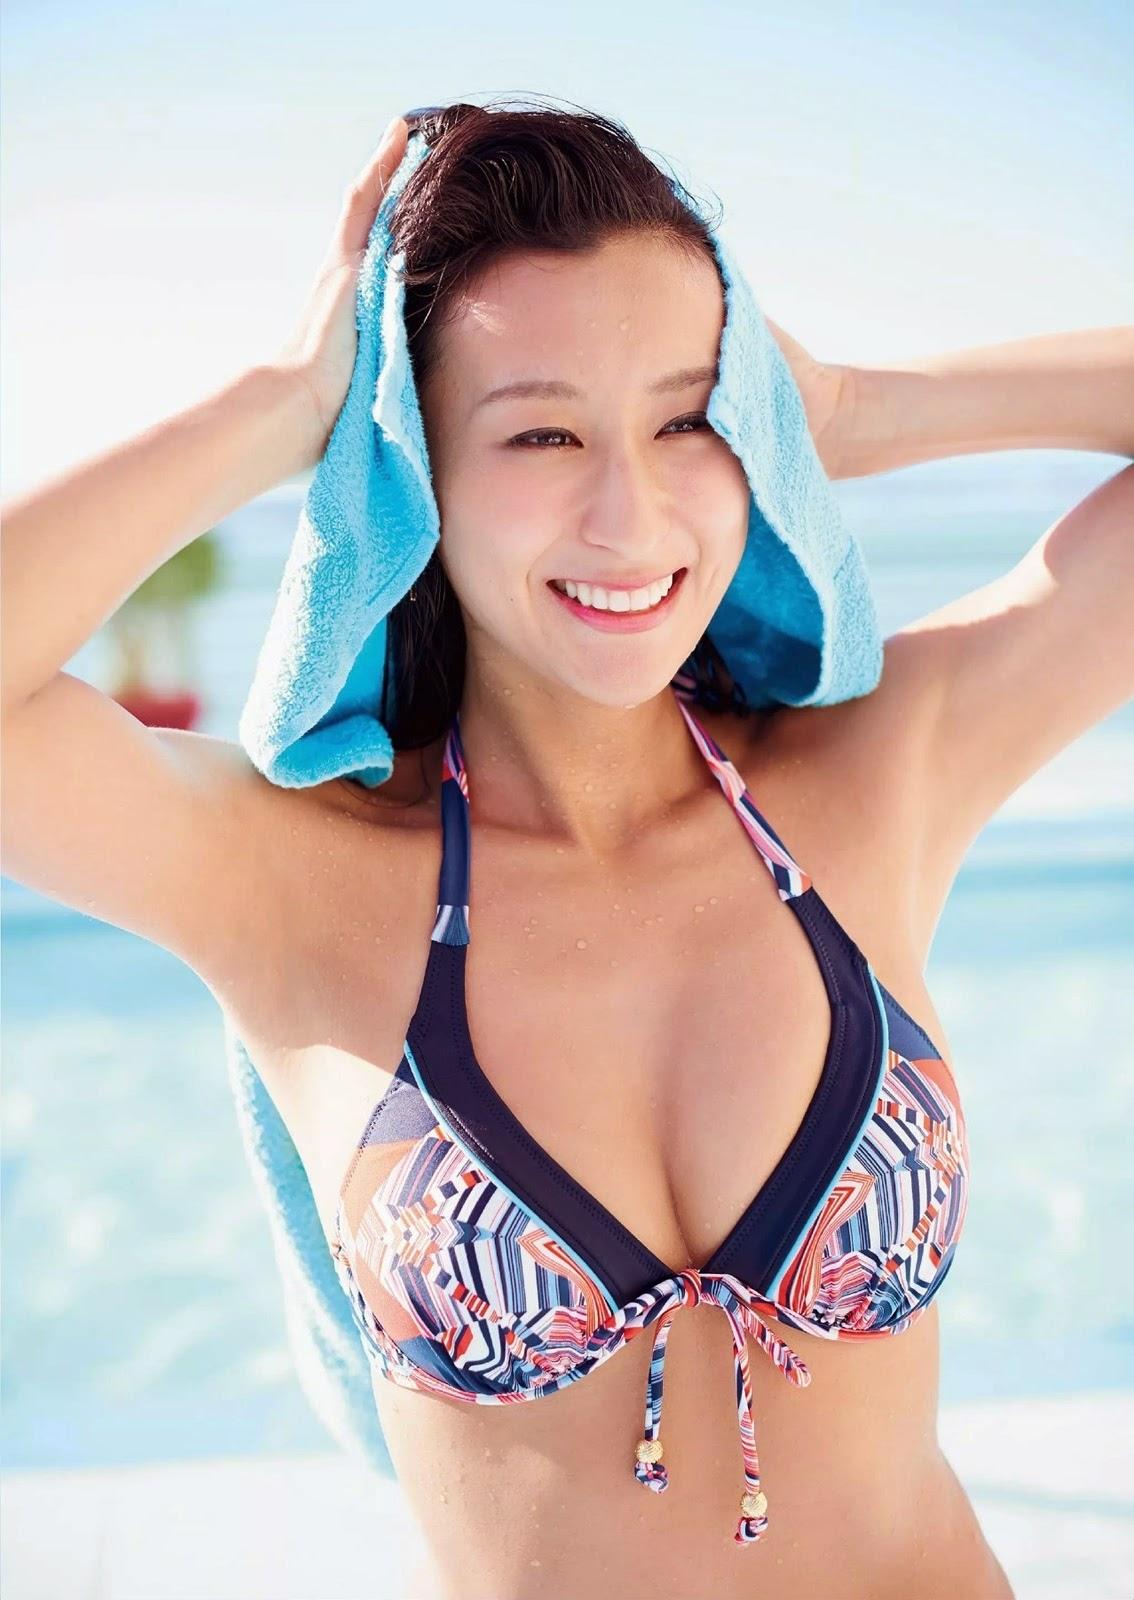 【画像】浅田真央のお姉ちゃん!浅田舞の金髪!?クラブ通い?のサムネイル画像